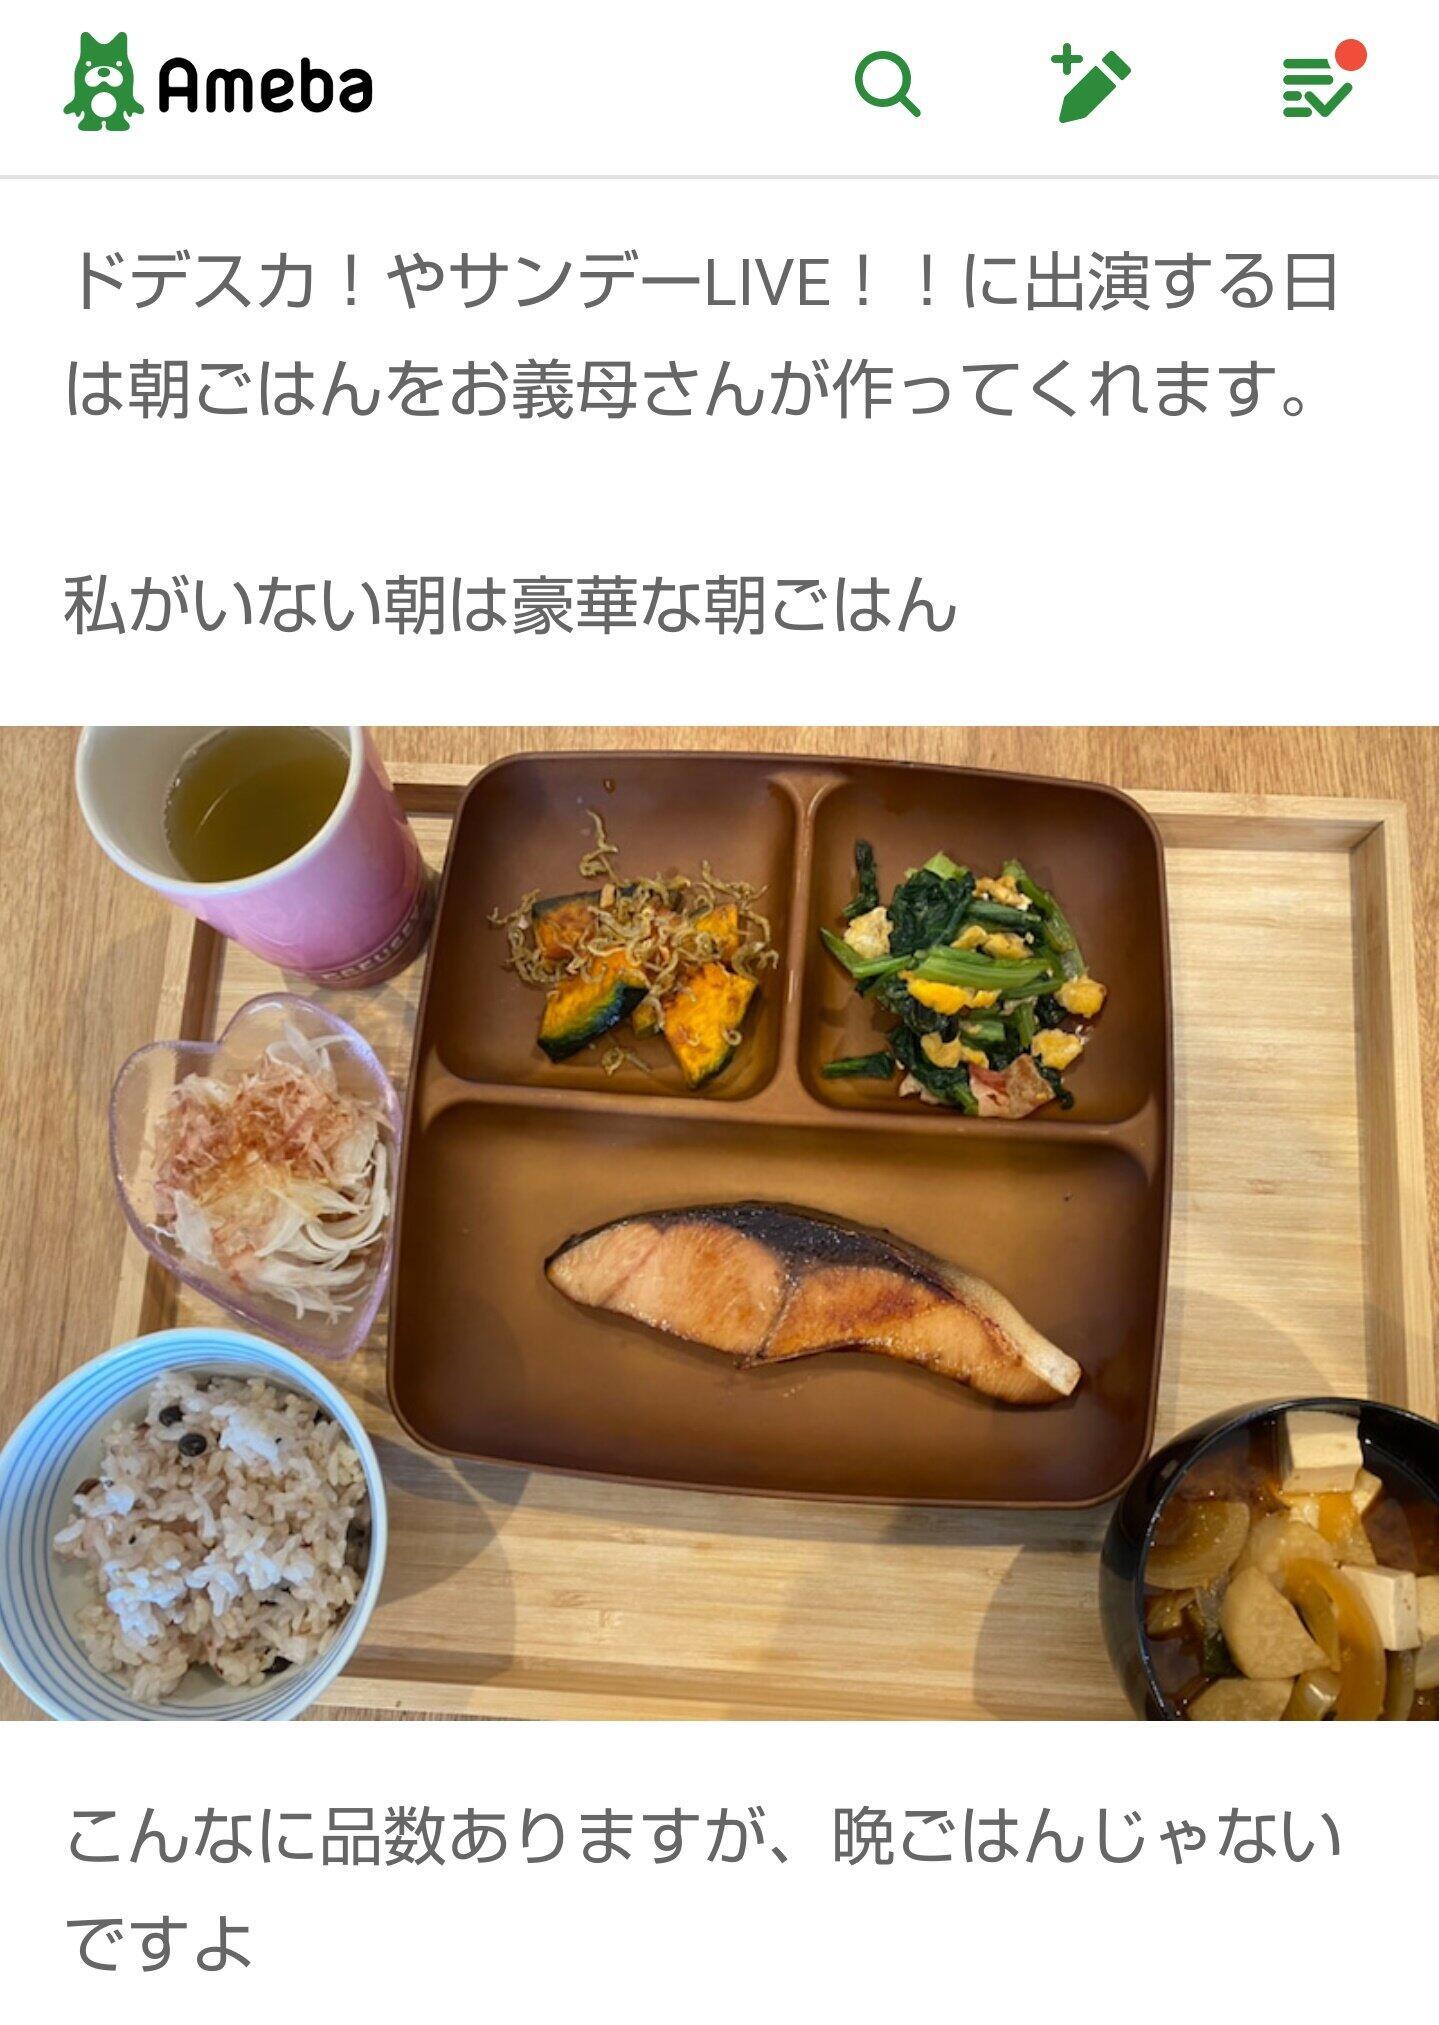 浅尾美和さんのブログから